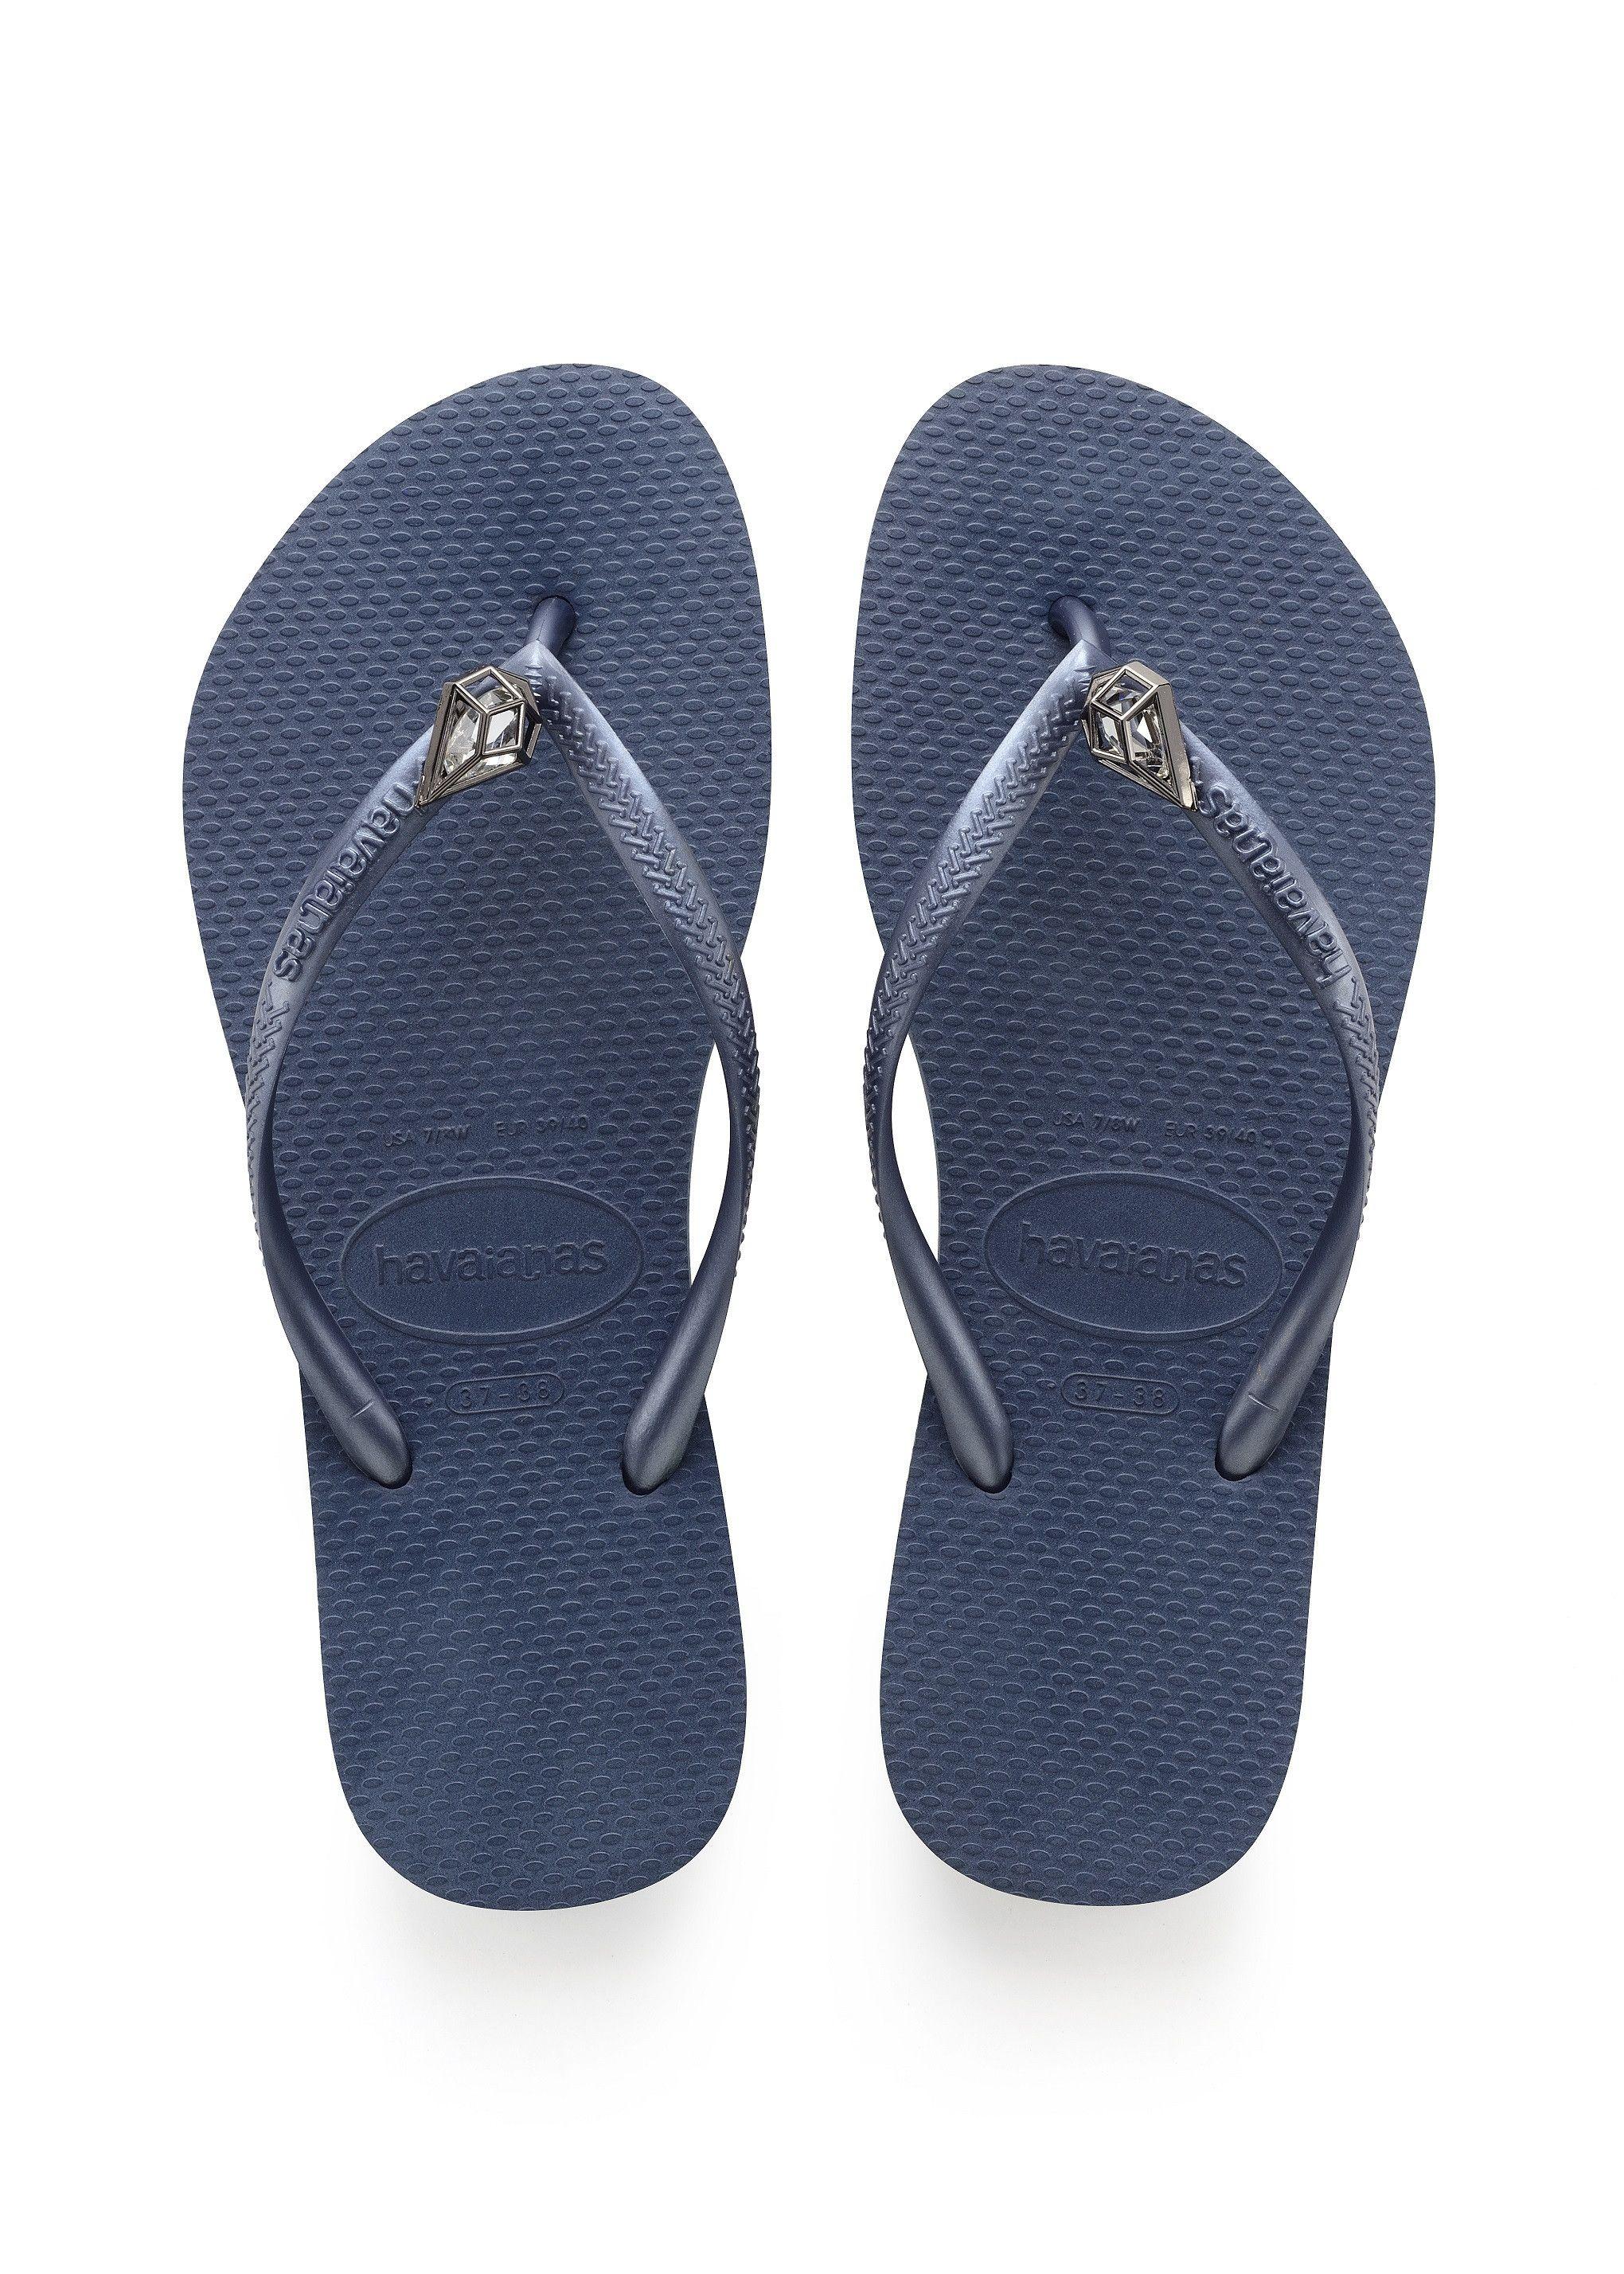 Havaianas Slim Epic Sandal Indigo Blue Com Imagens Havaianas Havaianas Slim Chinelo